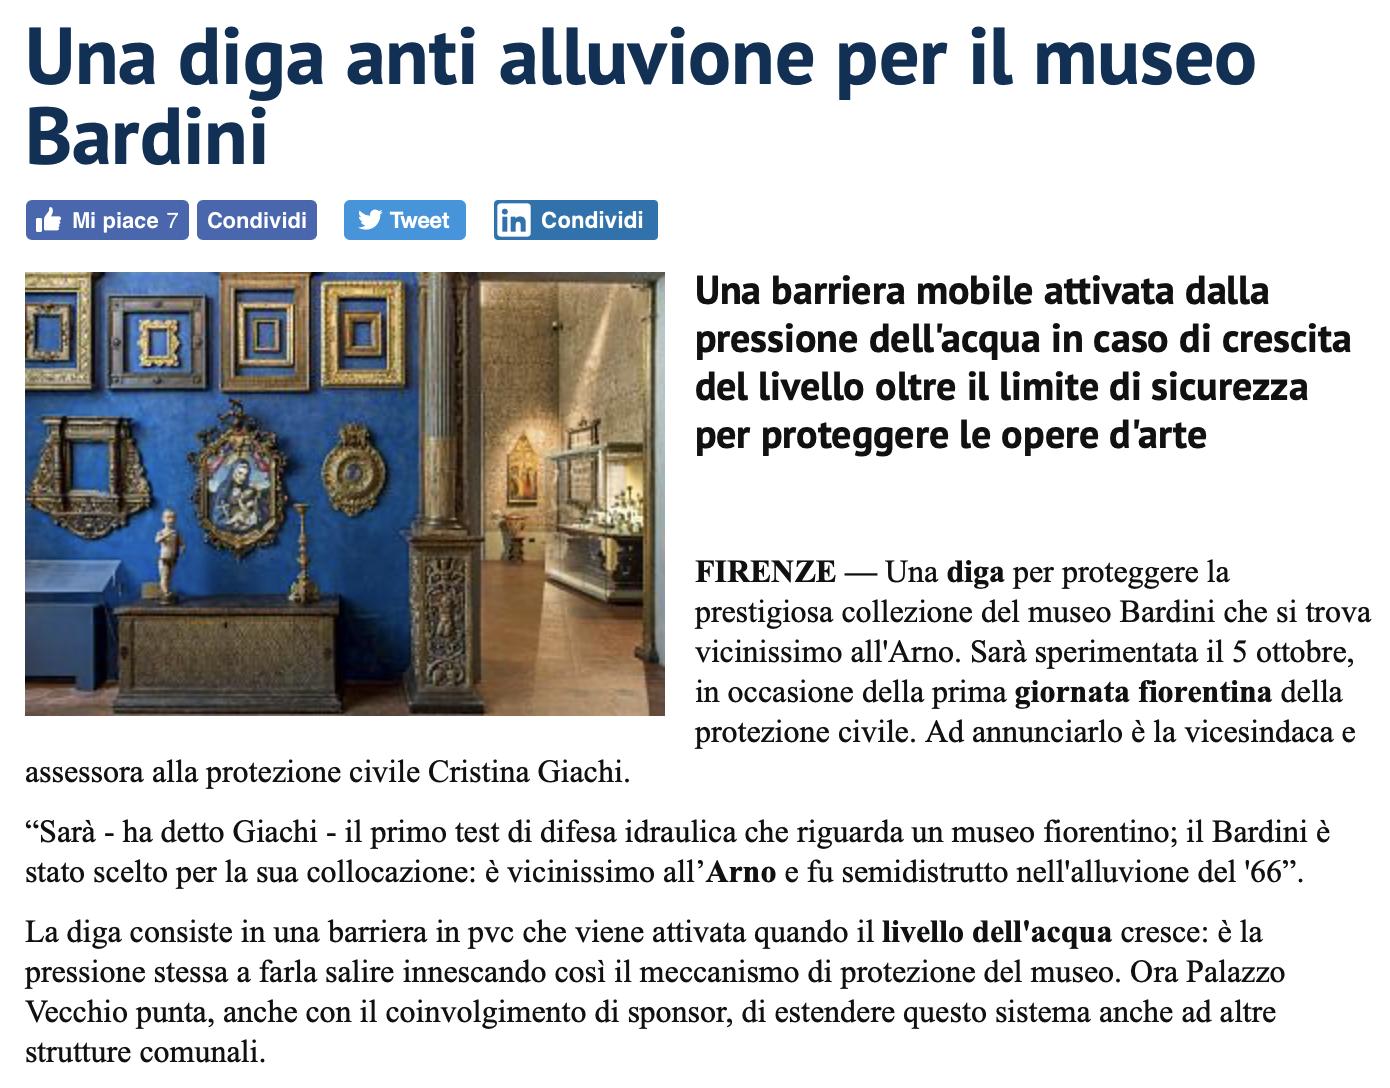 Qui News Firenze.it